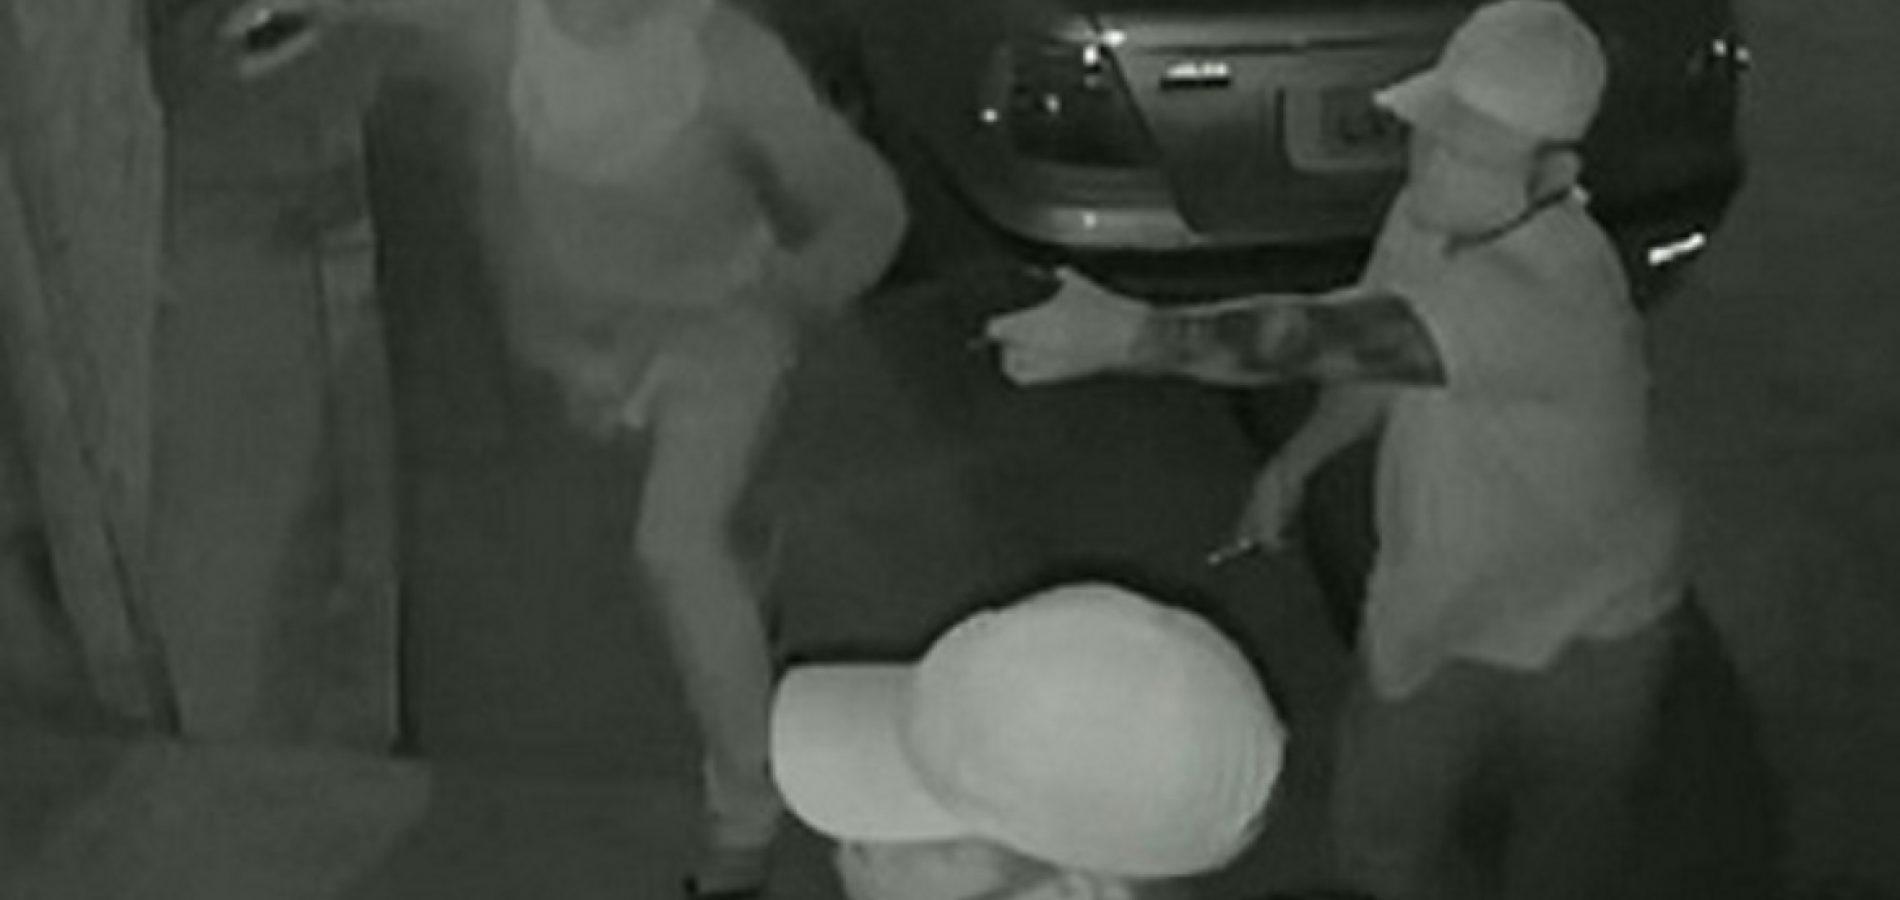 Vídeo:câmeras de segurança registram arrastão em residência no bairro Saci